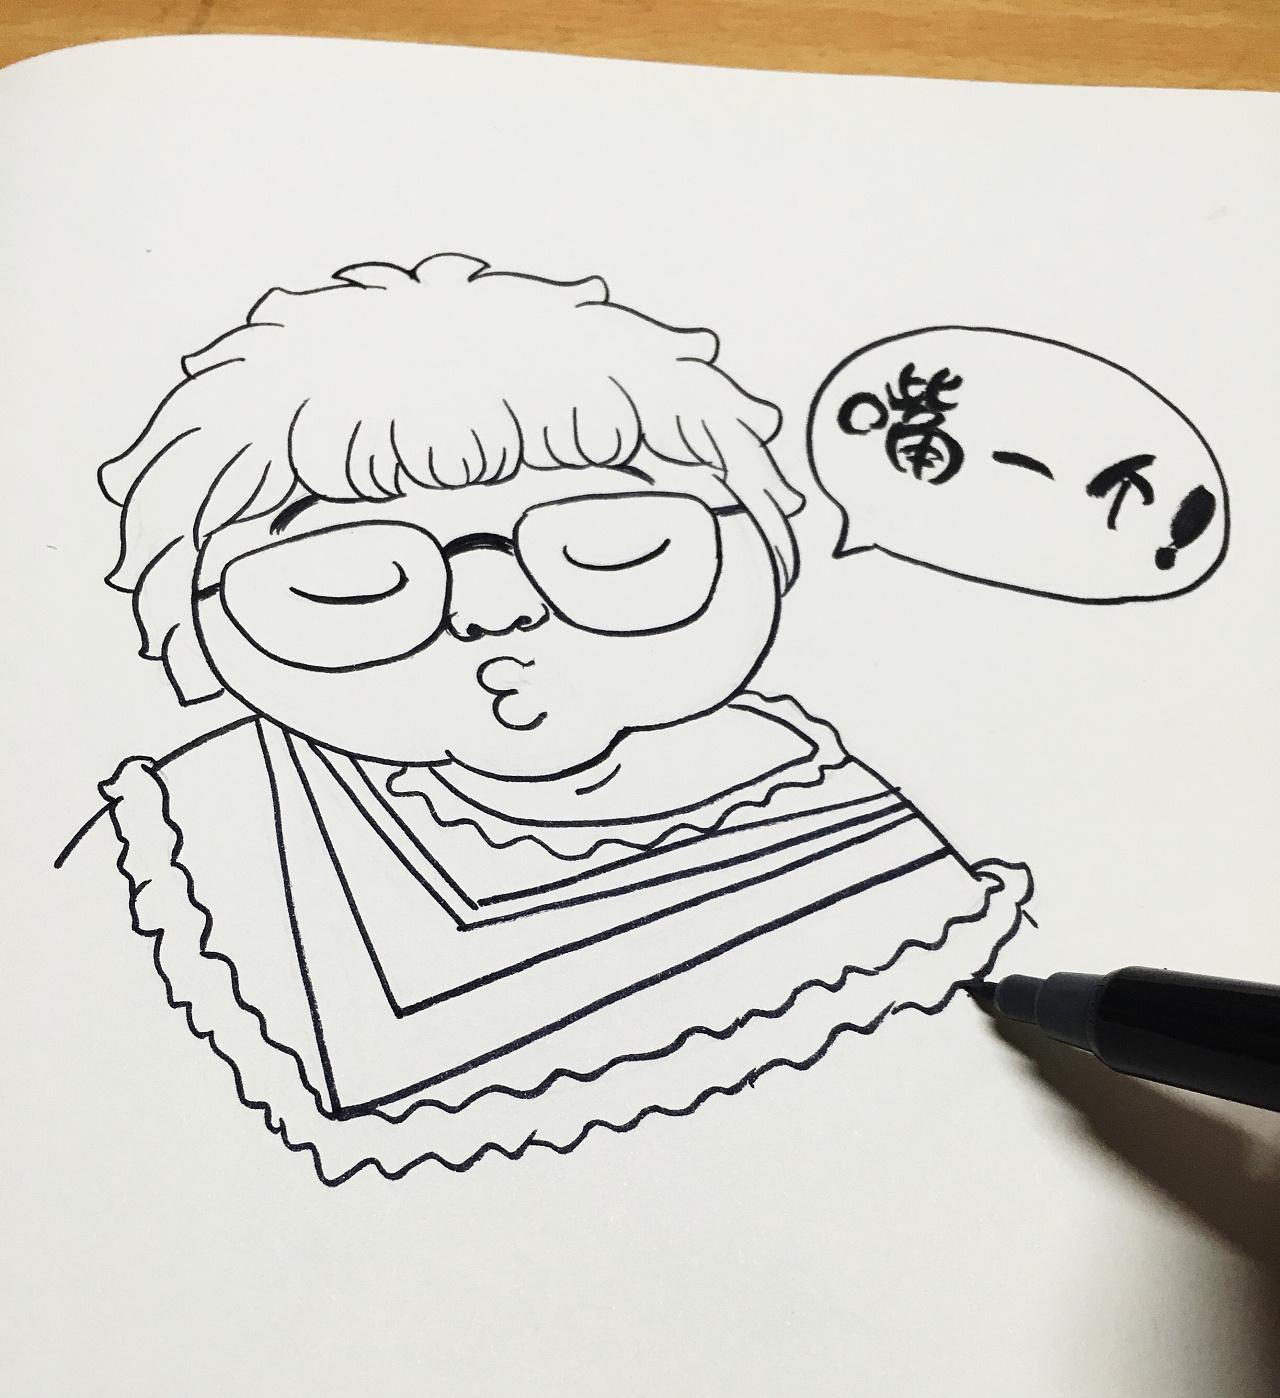 手绘插画,人物